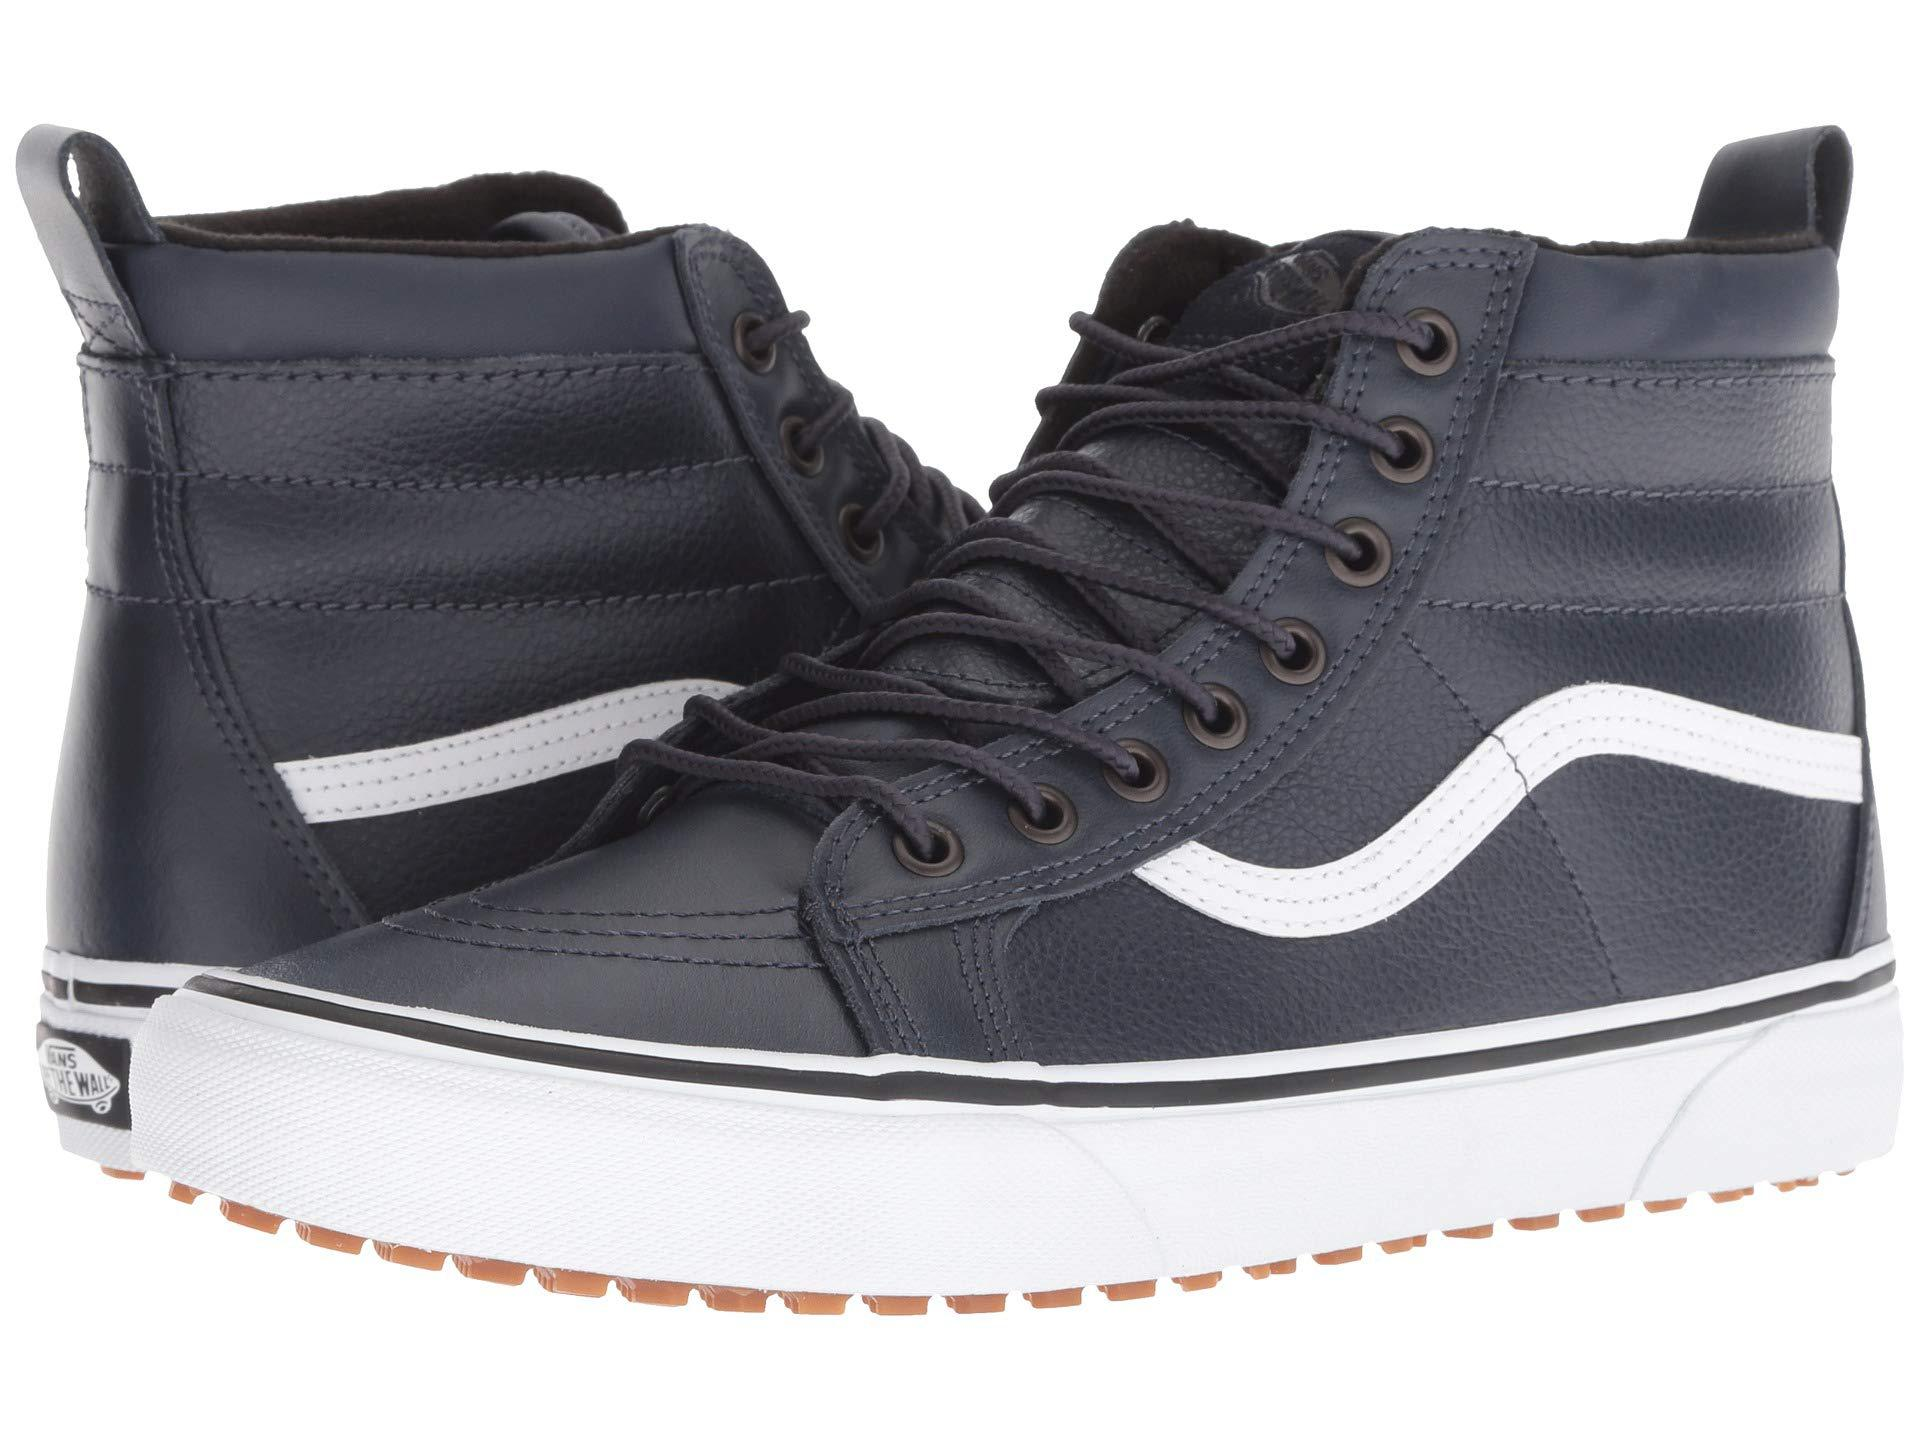 a7f7636f2e Lyst - Vans Sk8-hi Mte ((mte) Suede chocolate Torte) Skate Shoes in ...